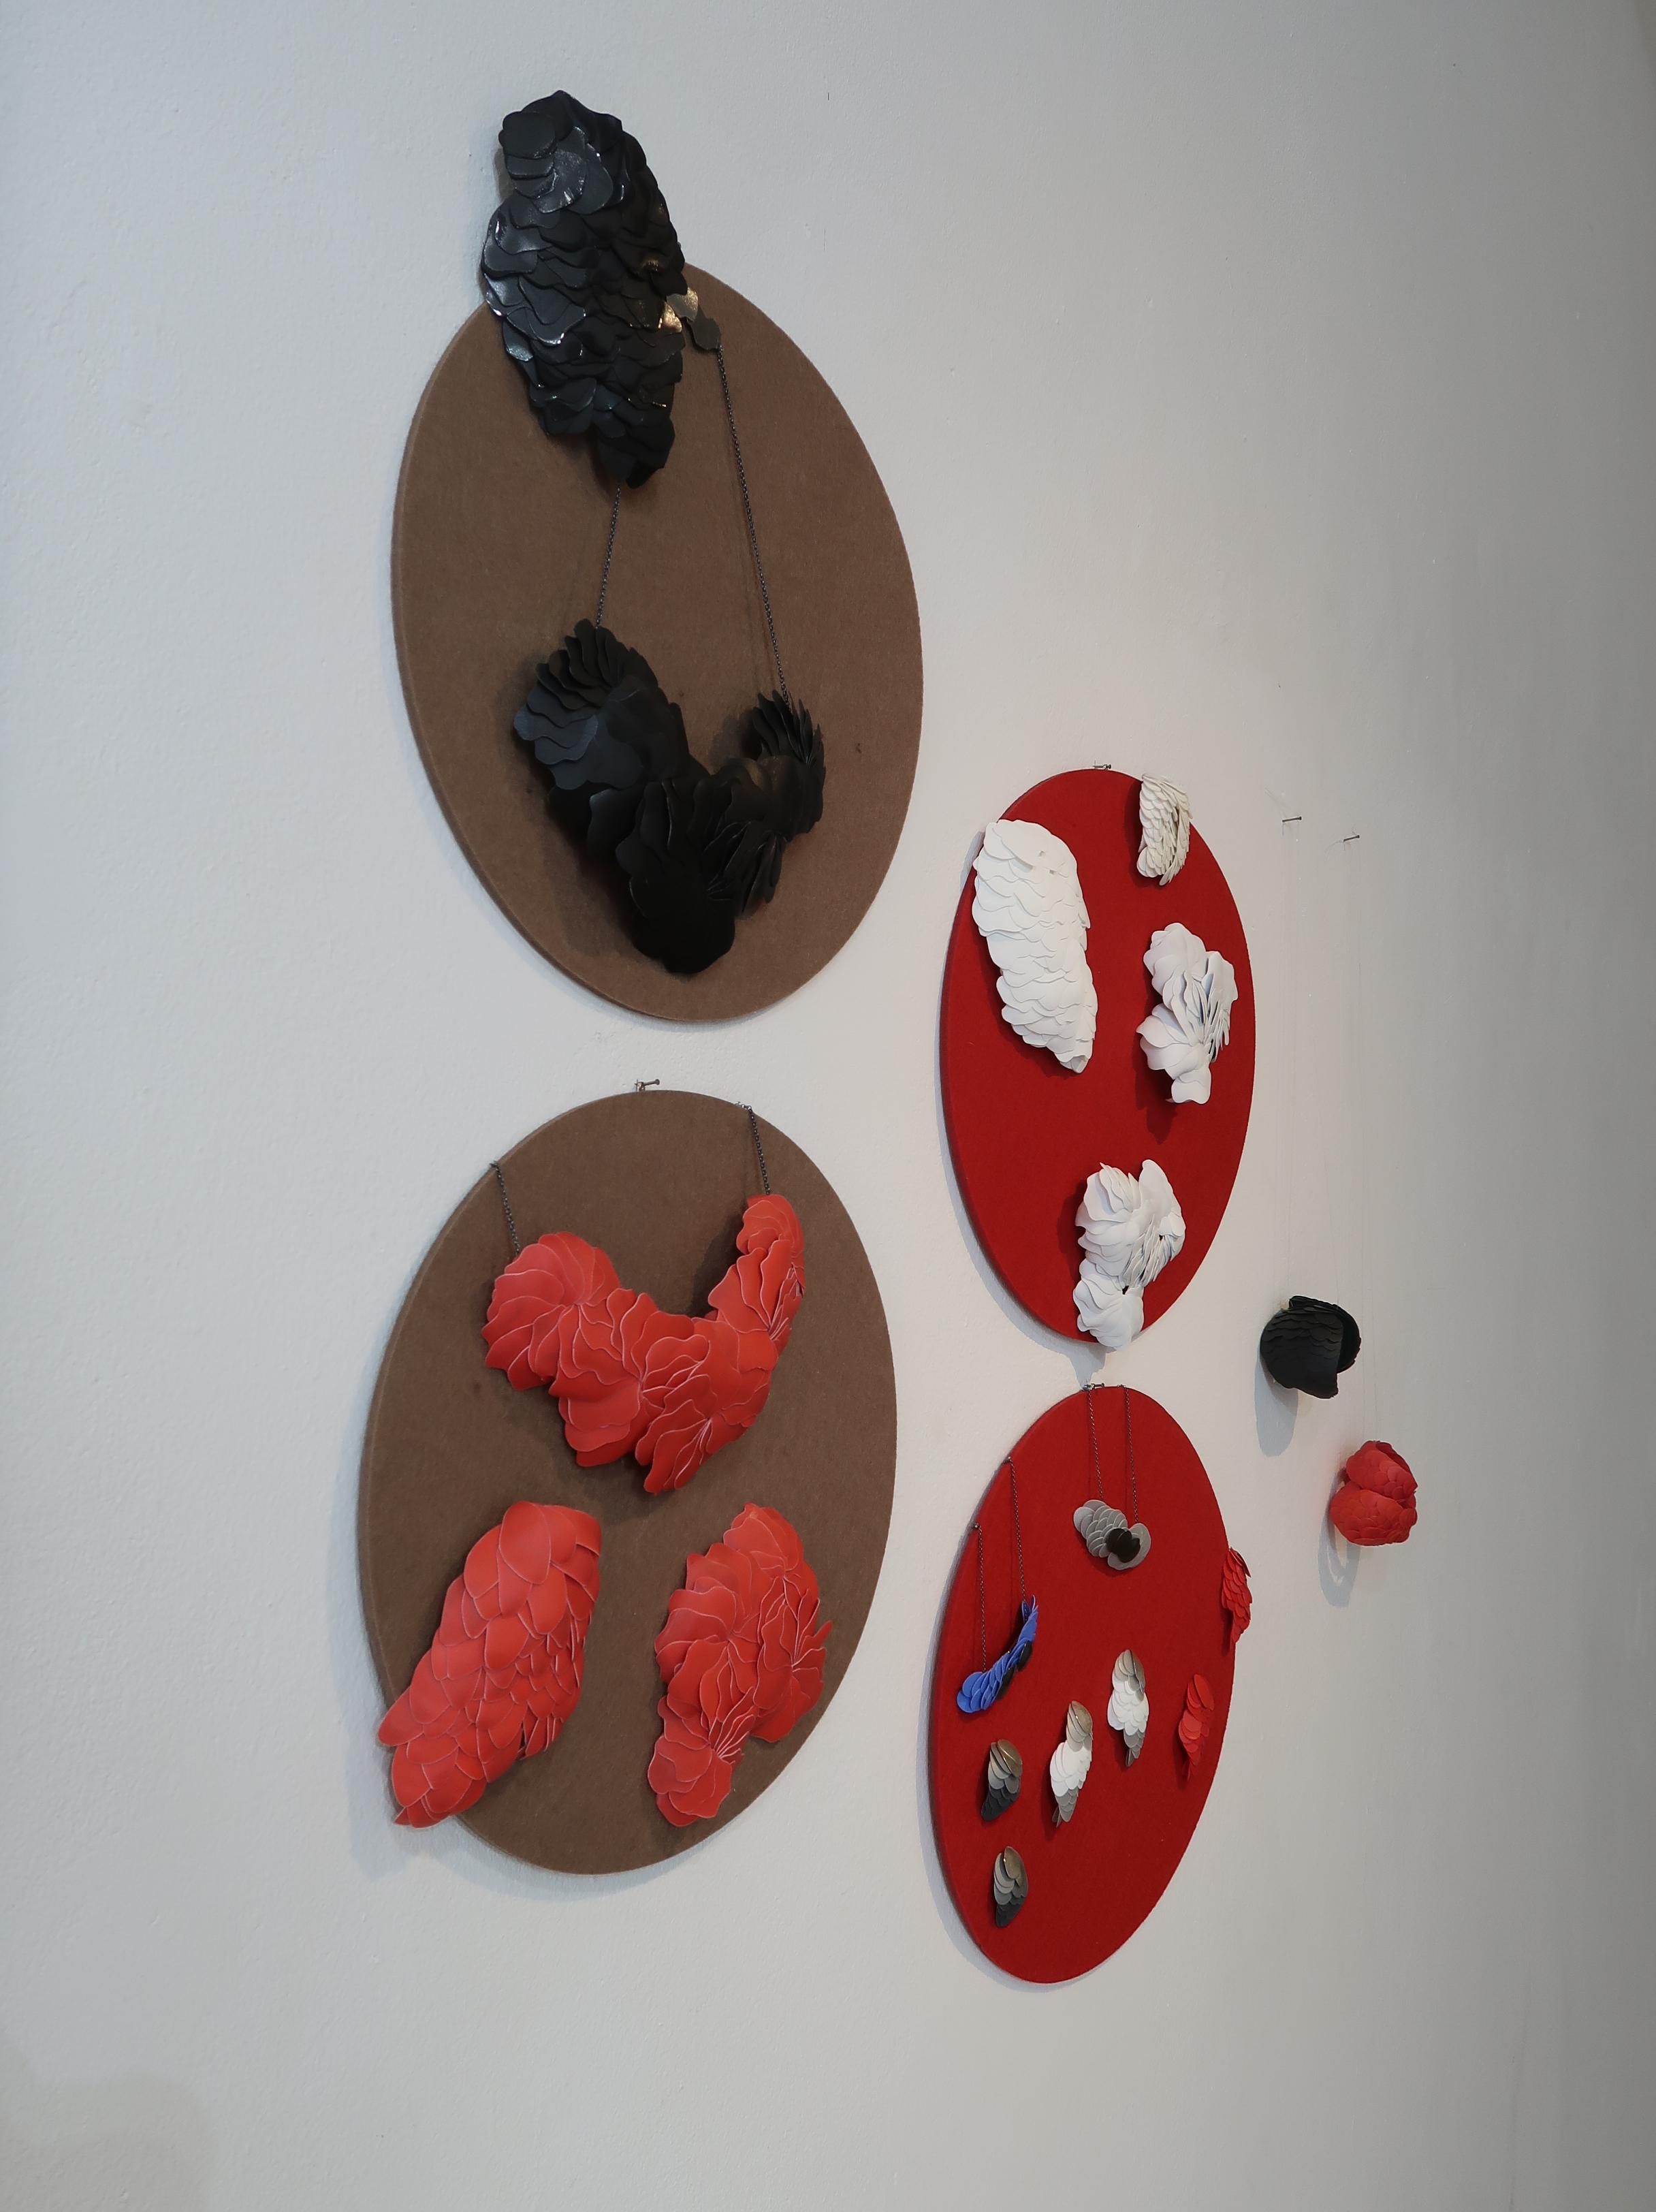 Karin Roy Andersson, Galerie Spektrum op locatie, München, 13 maart 2020. Foto Coert Peter Krabbe, tentoonstelling, kunststof, halssieraden, broches